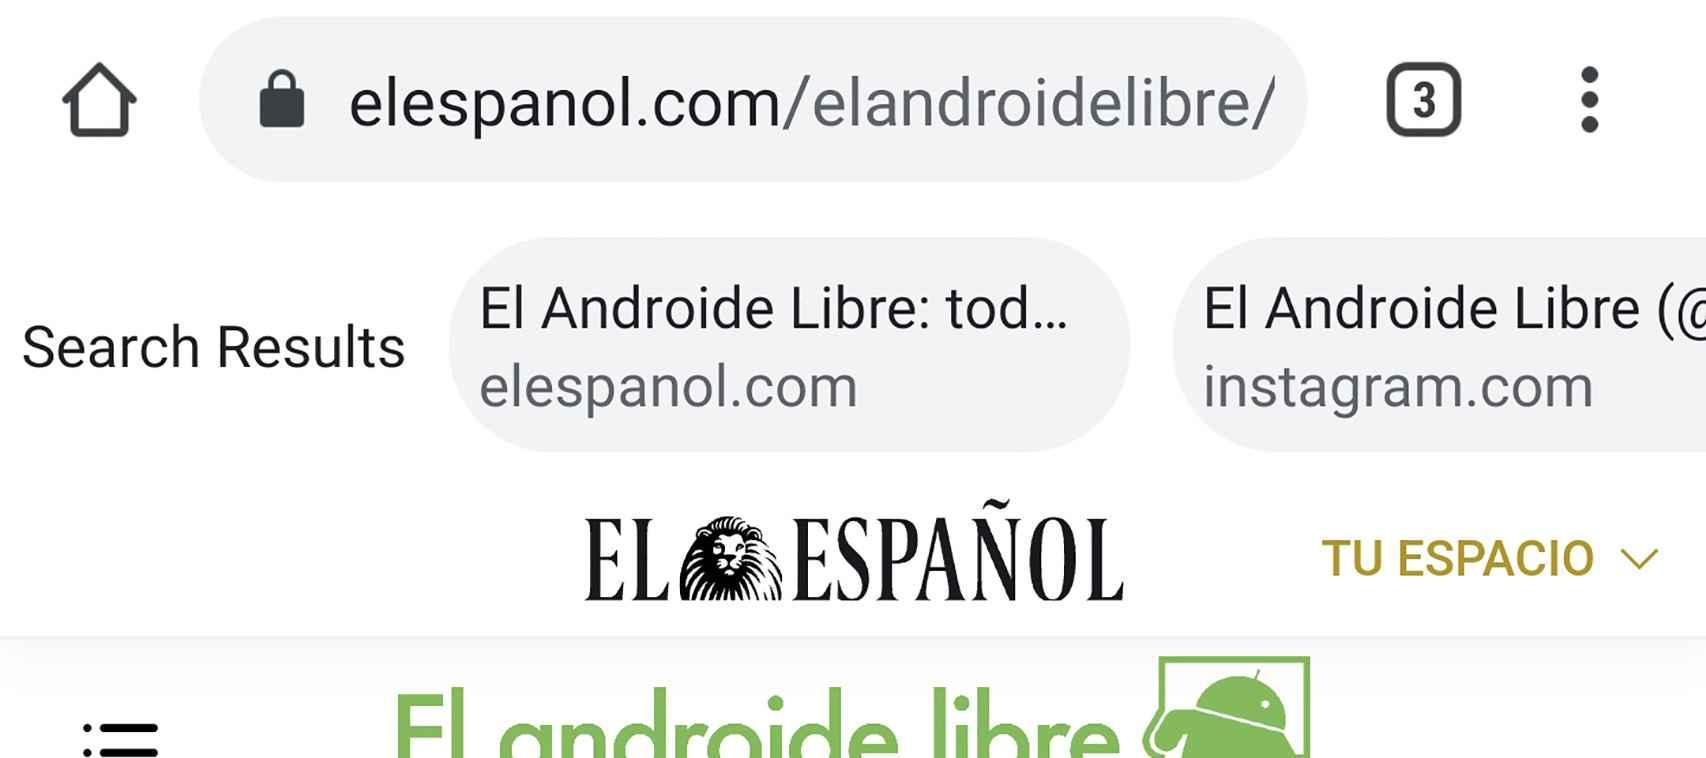 Los resultados de búsqueda en Chrome